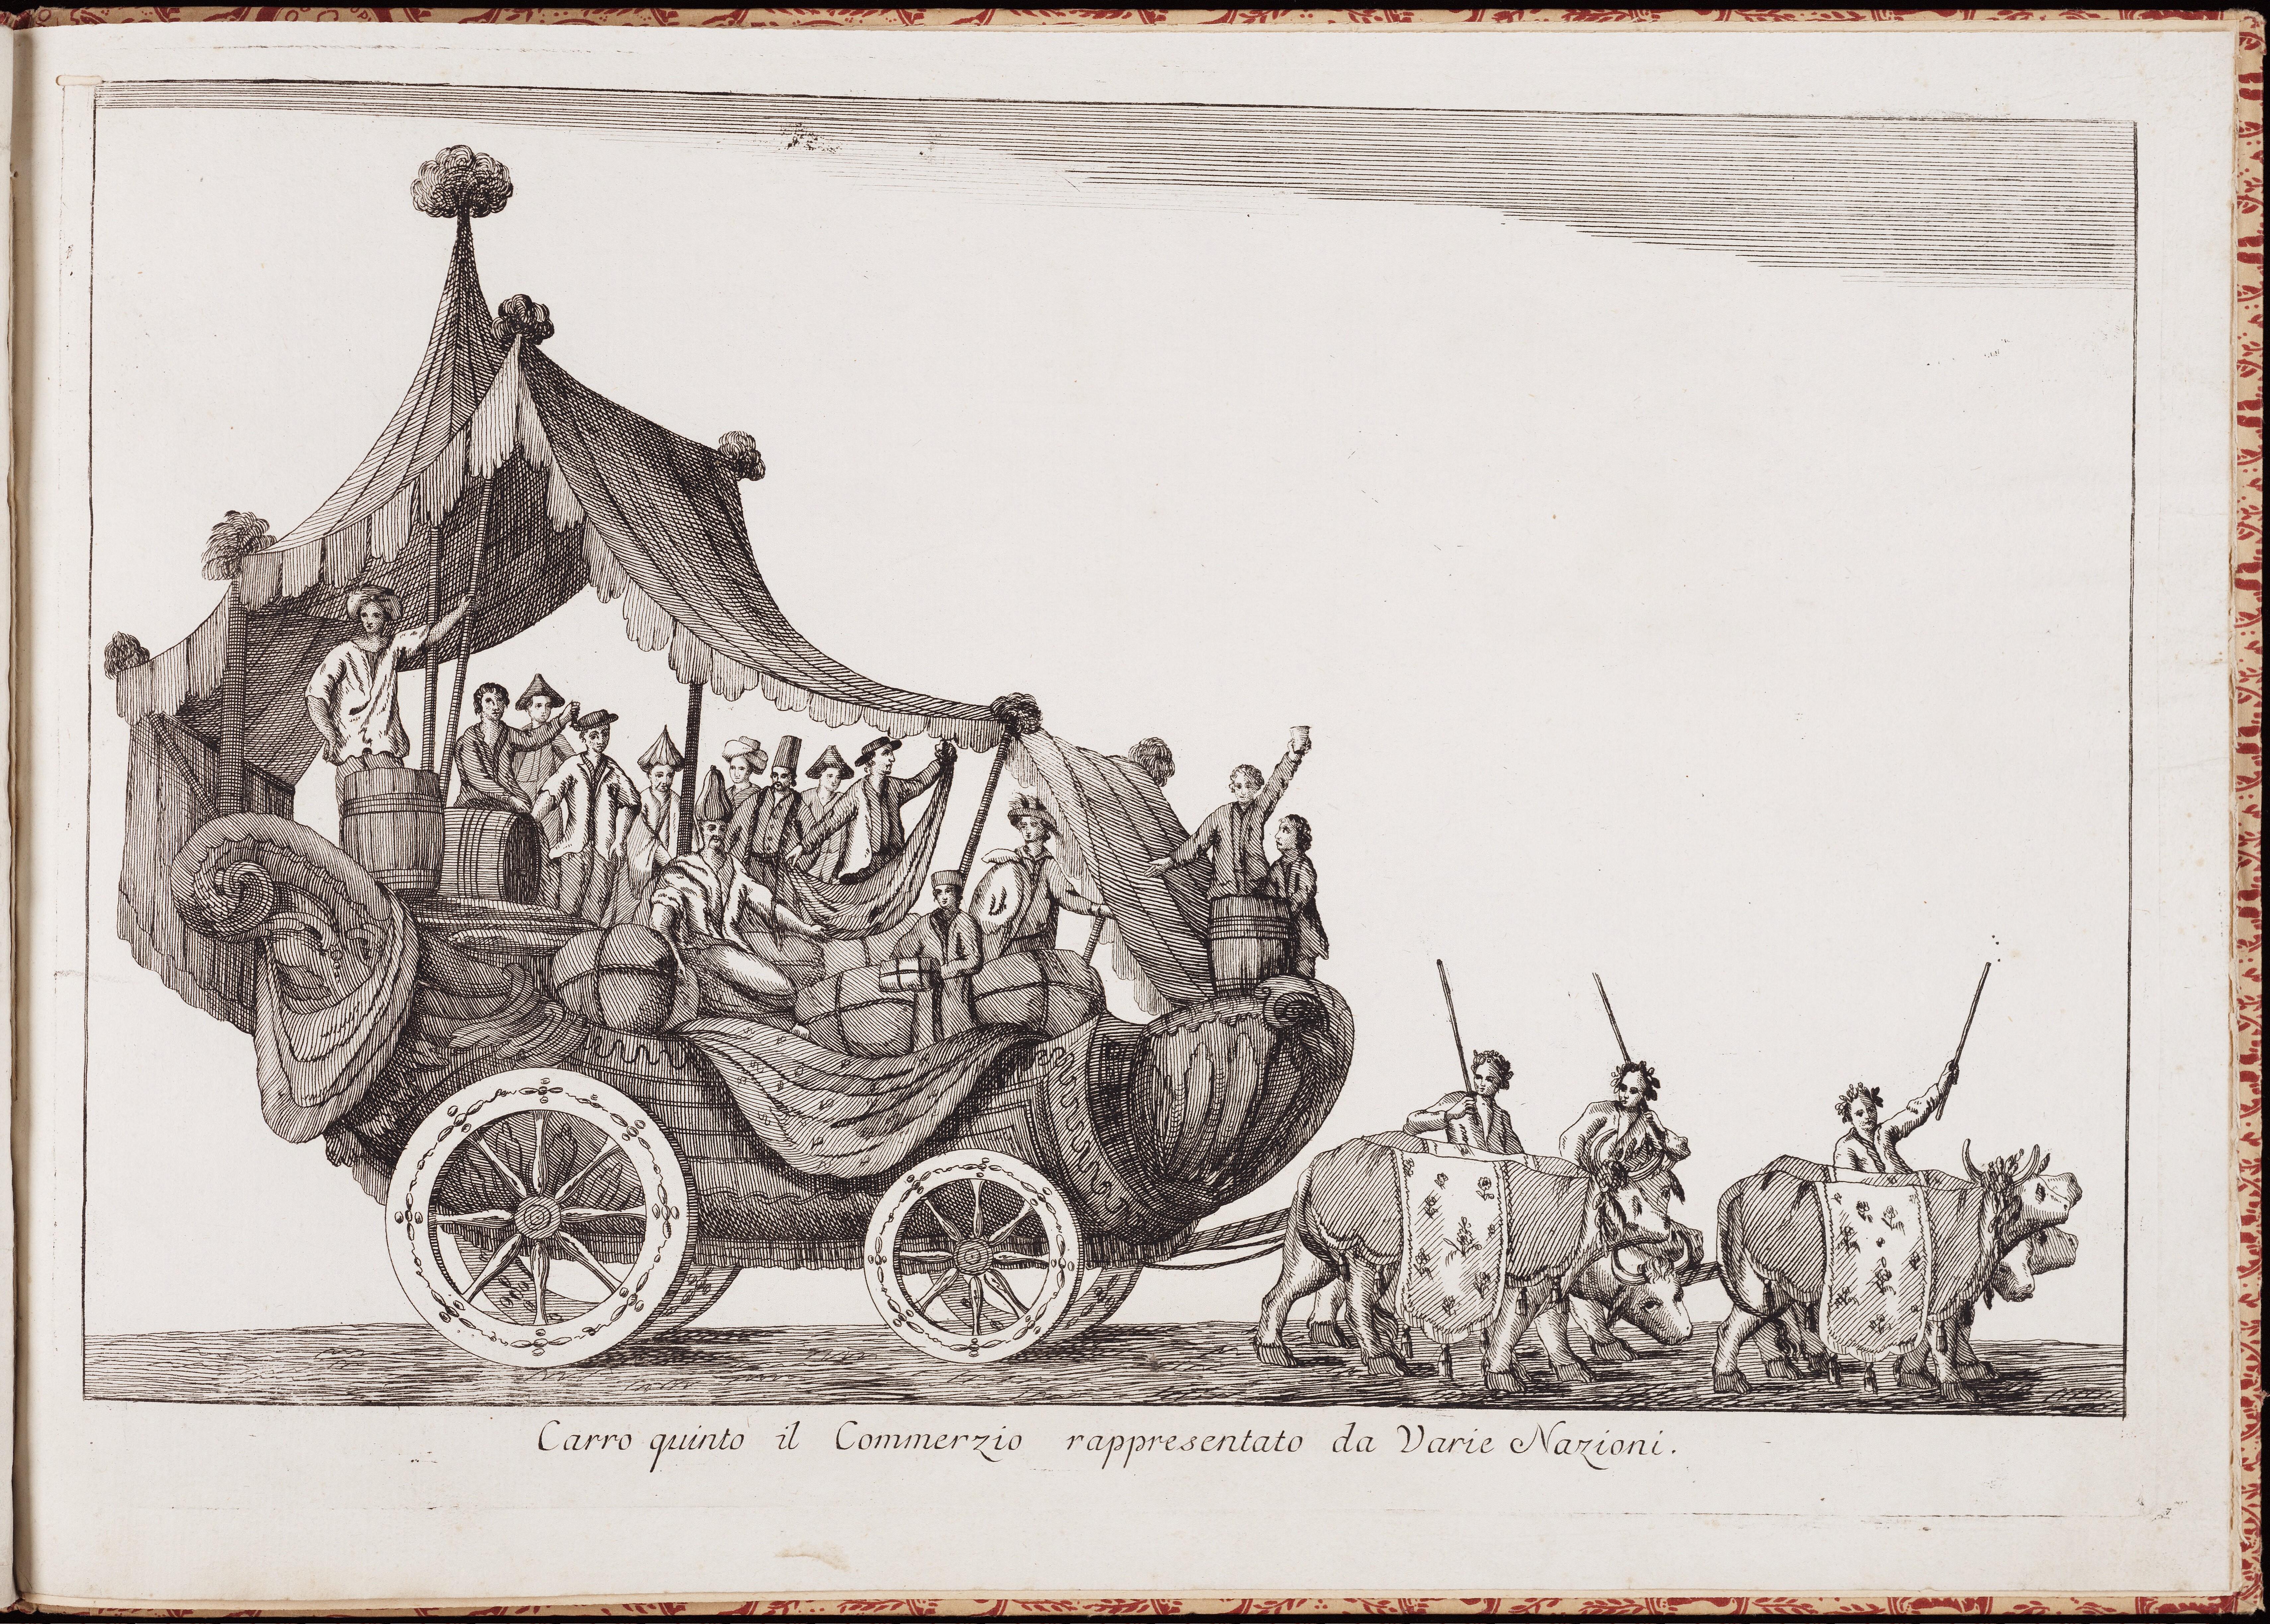 Колесница пятая — торговля, представленная различными народами